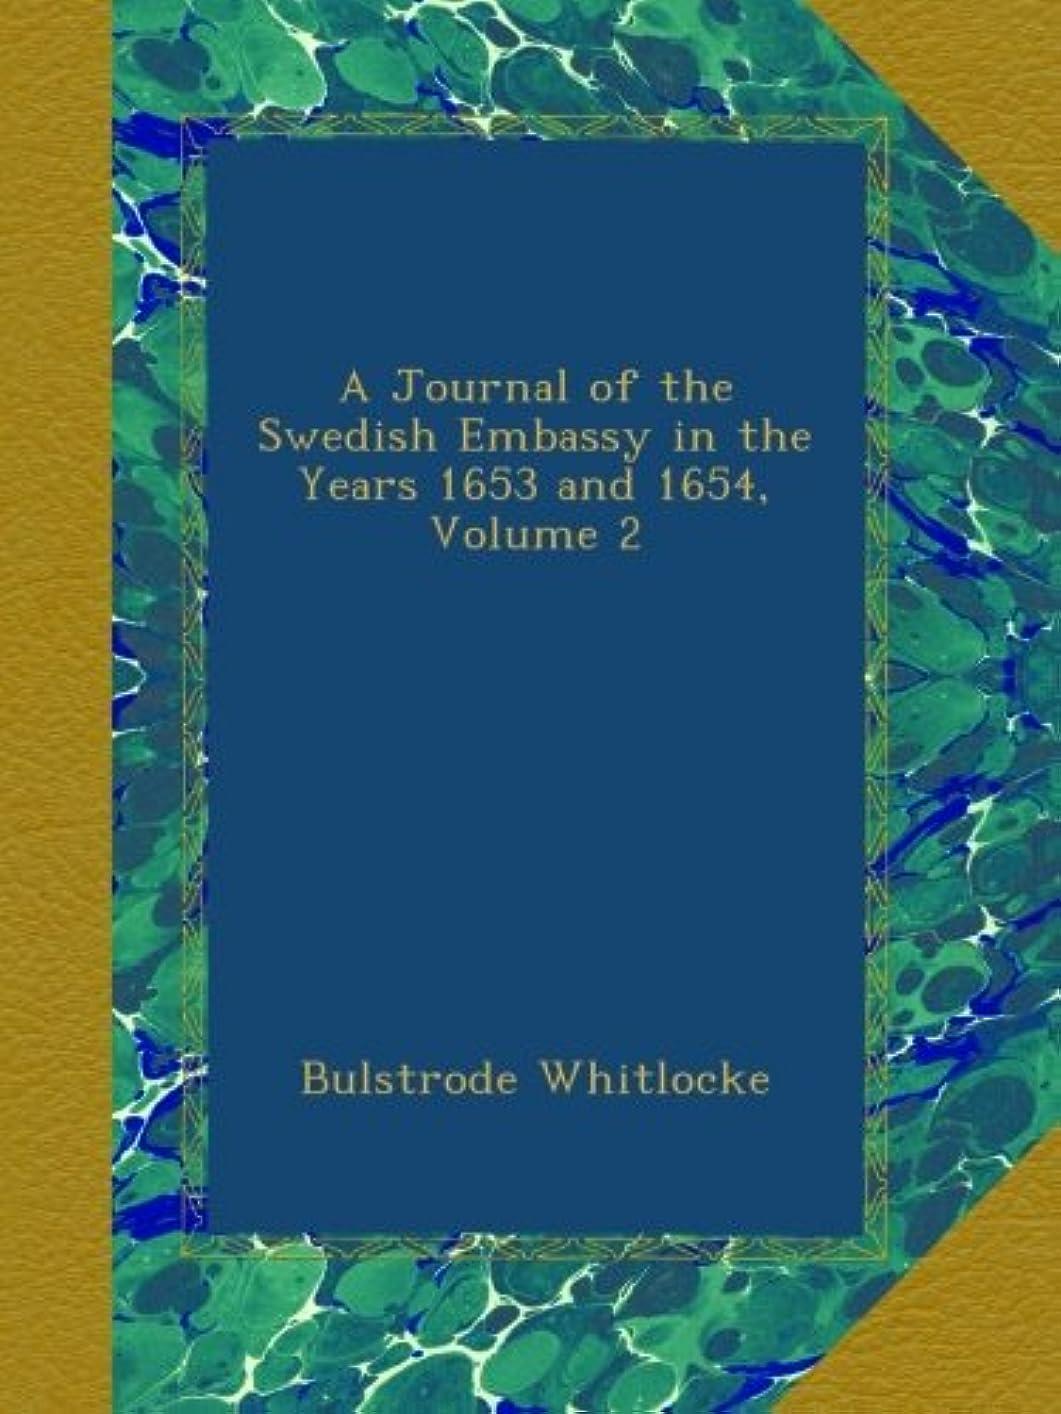 君主限定安いですA Journal of the Swedish Embassy in the Years 1653 and 1654, Volume 2